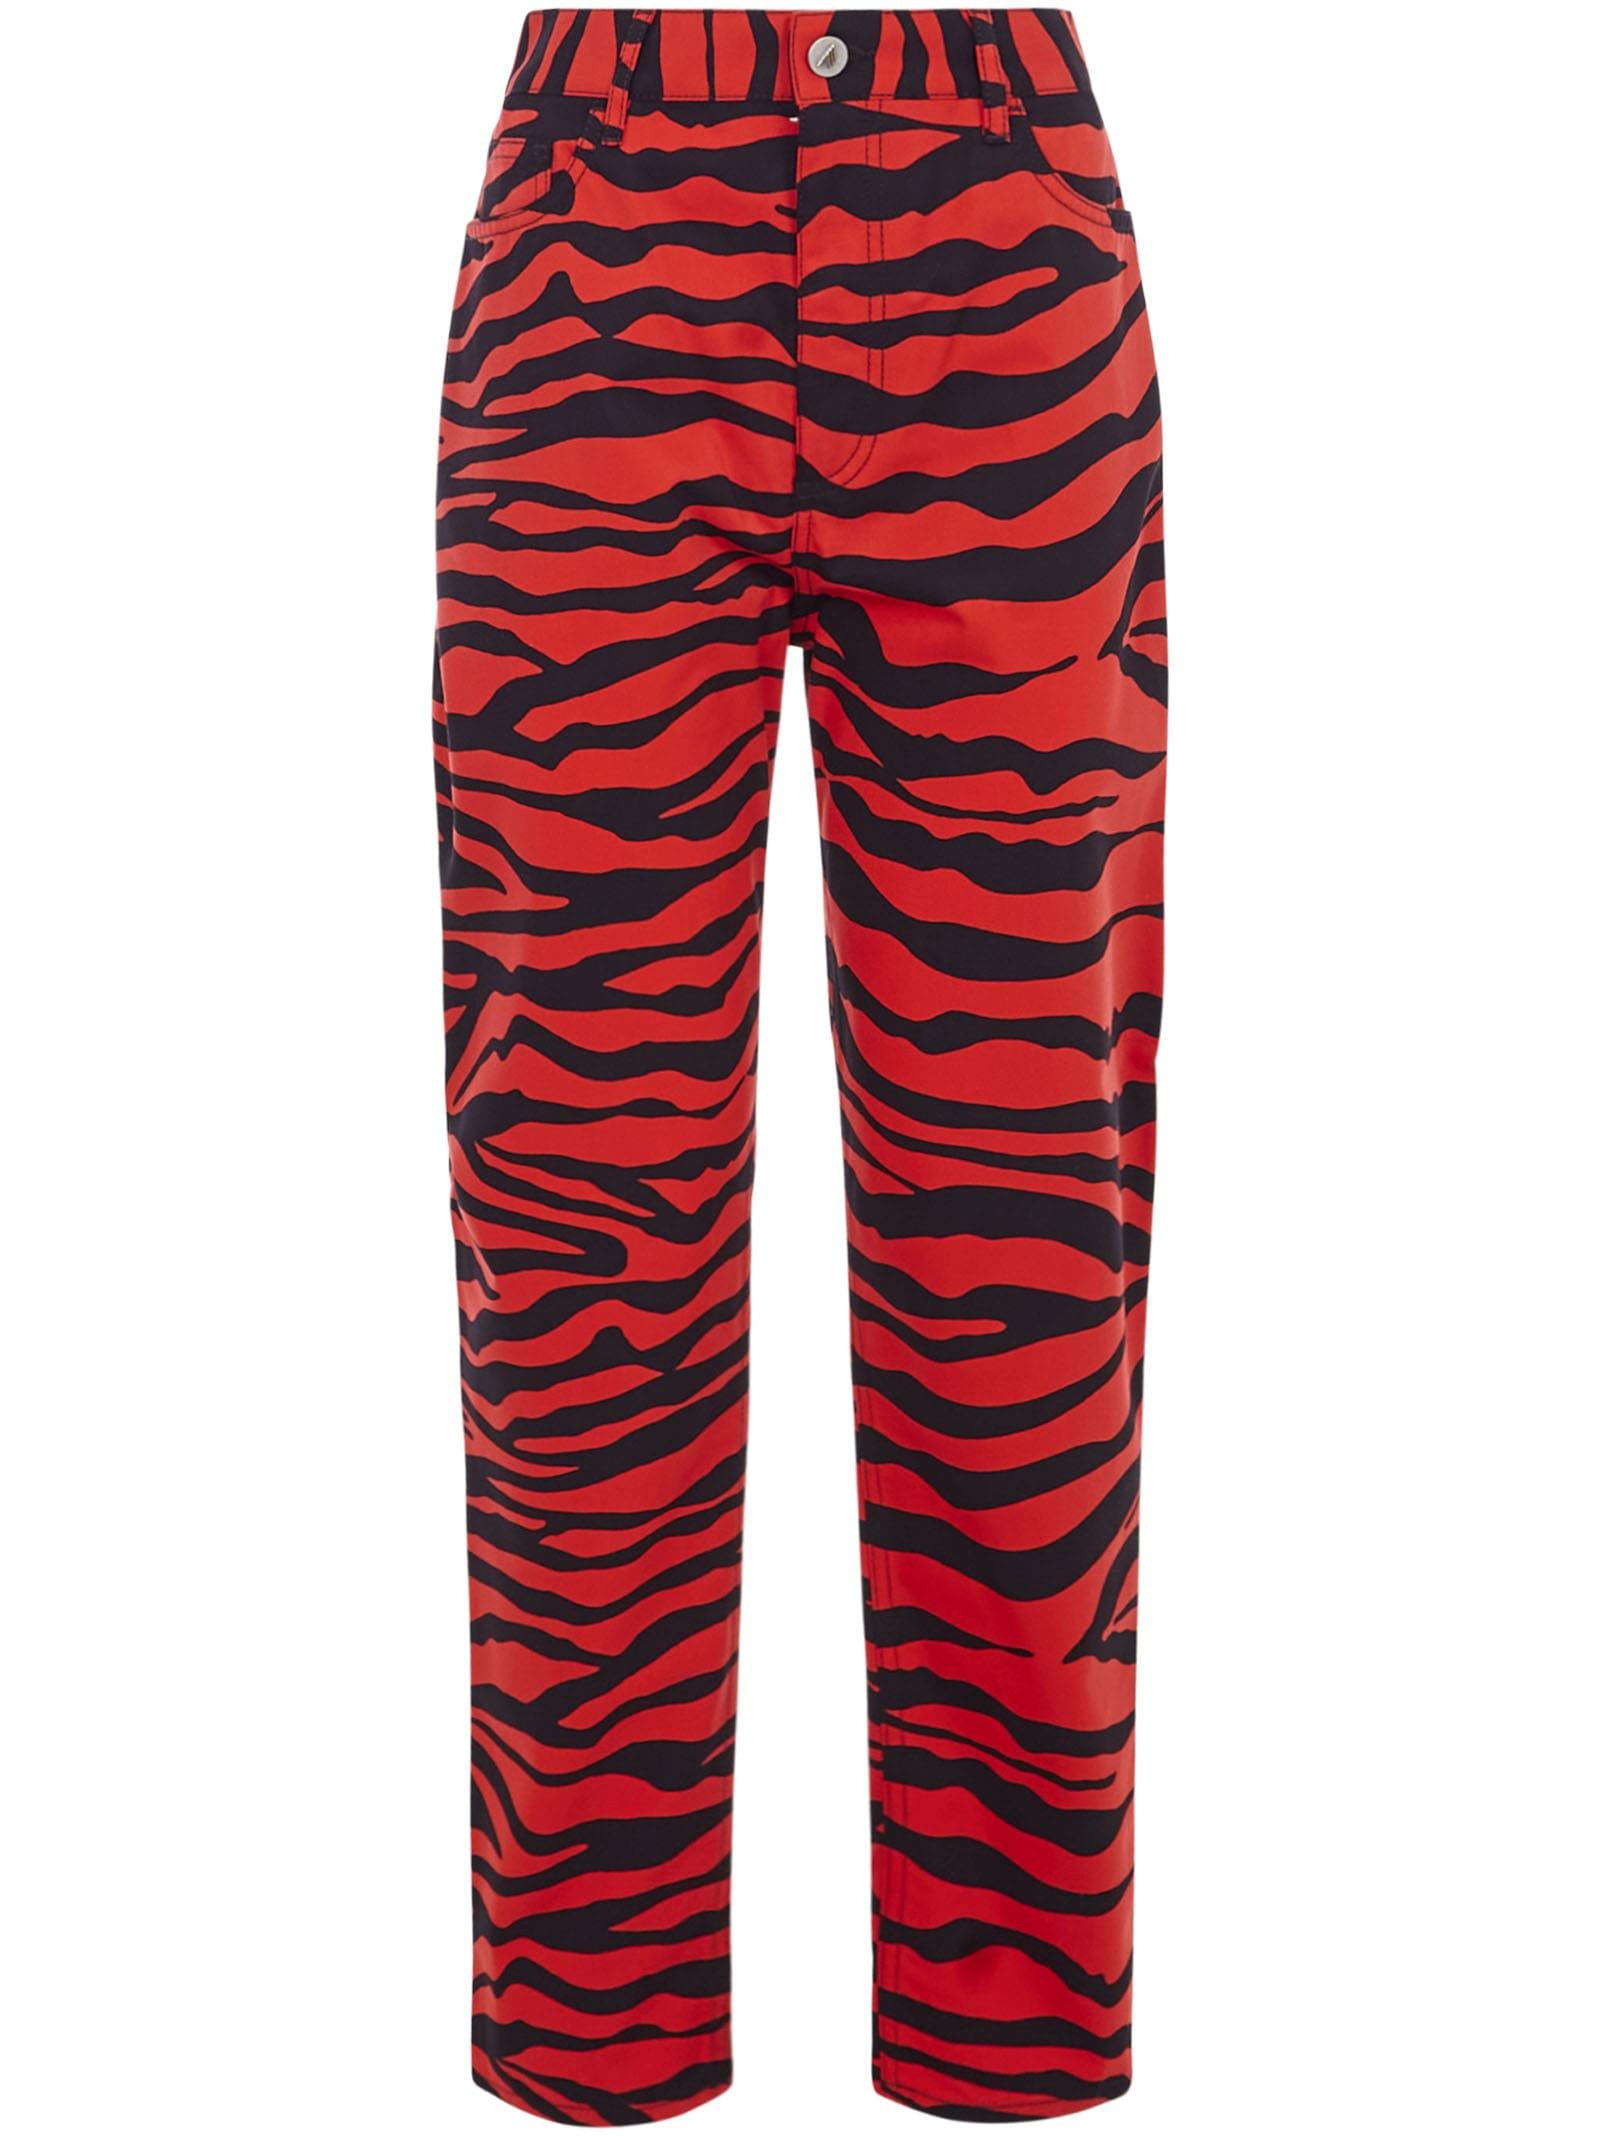 The Attico Dua Trousers